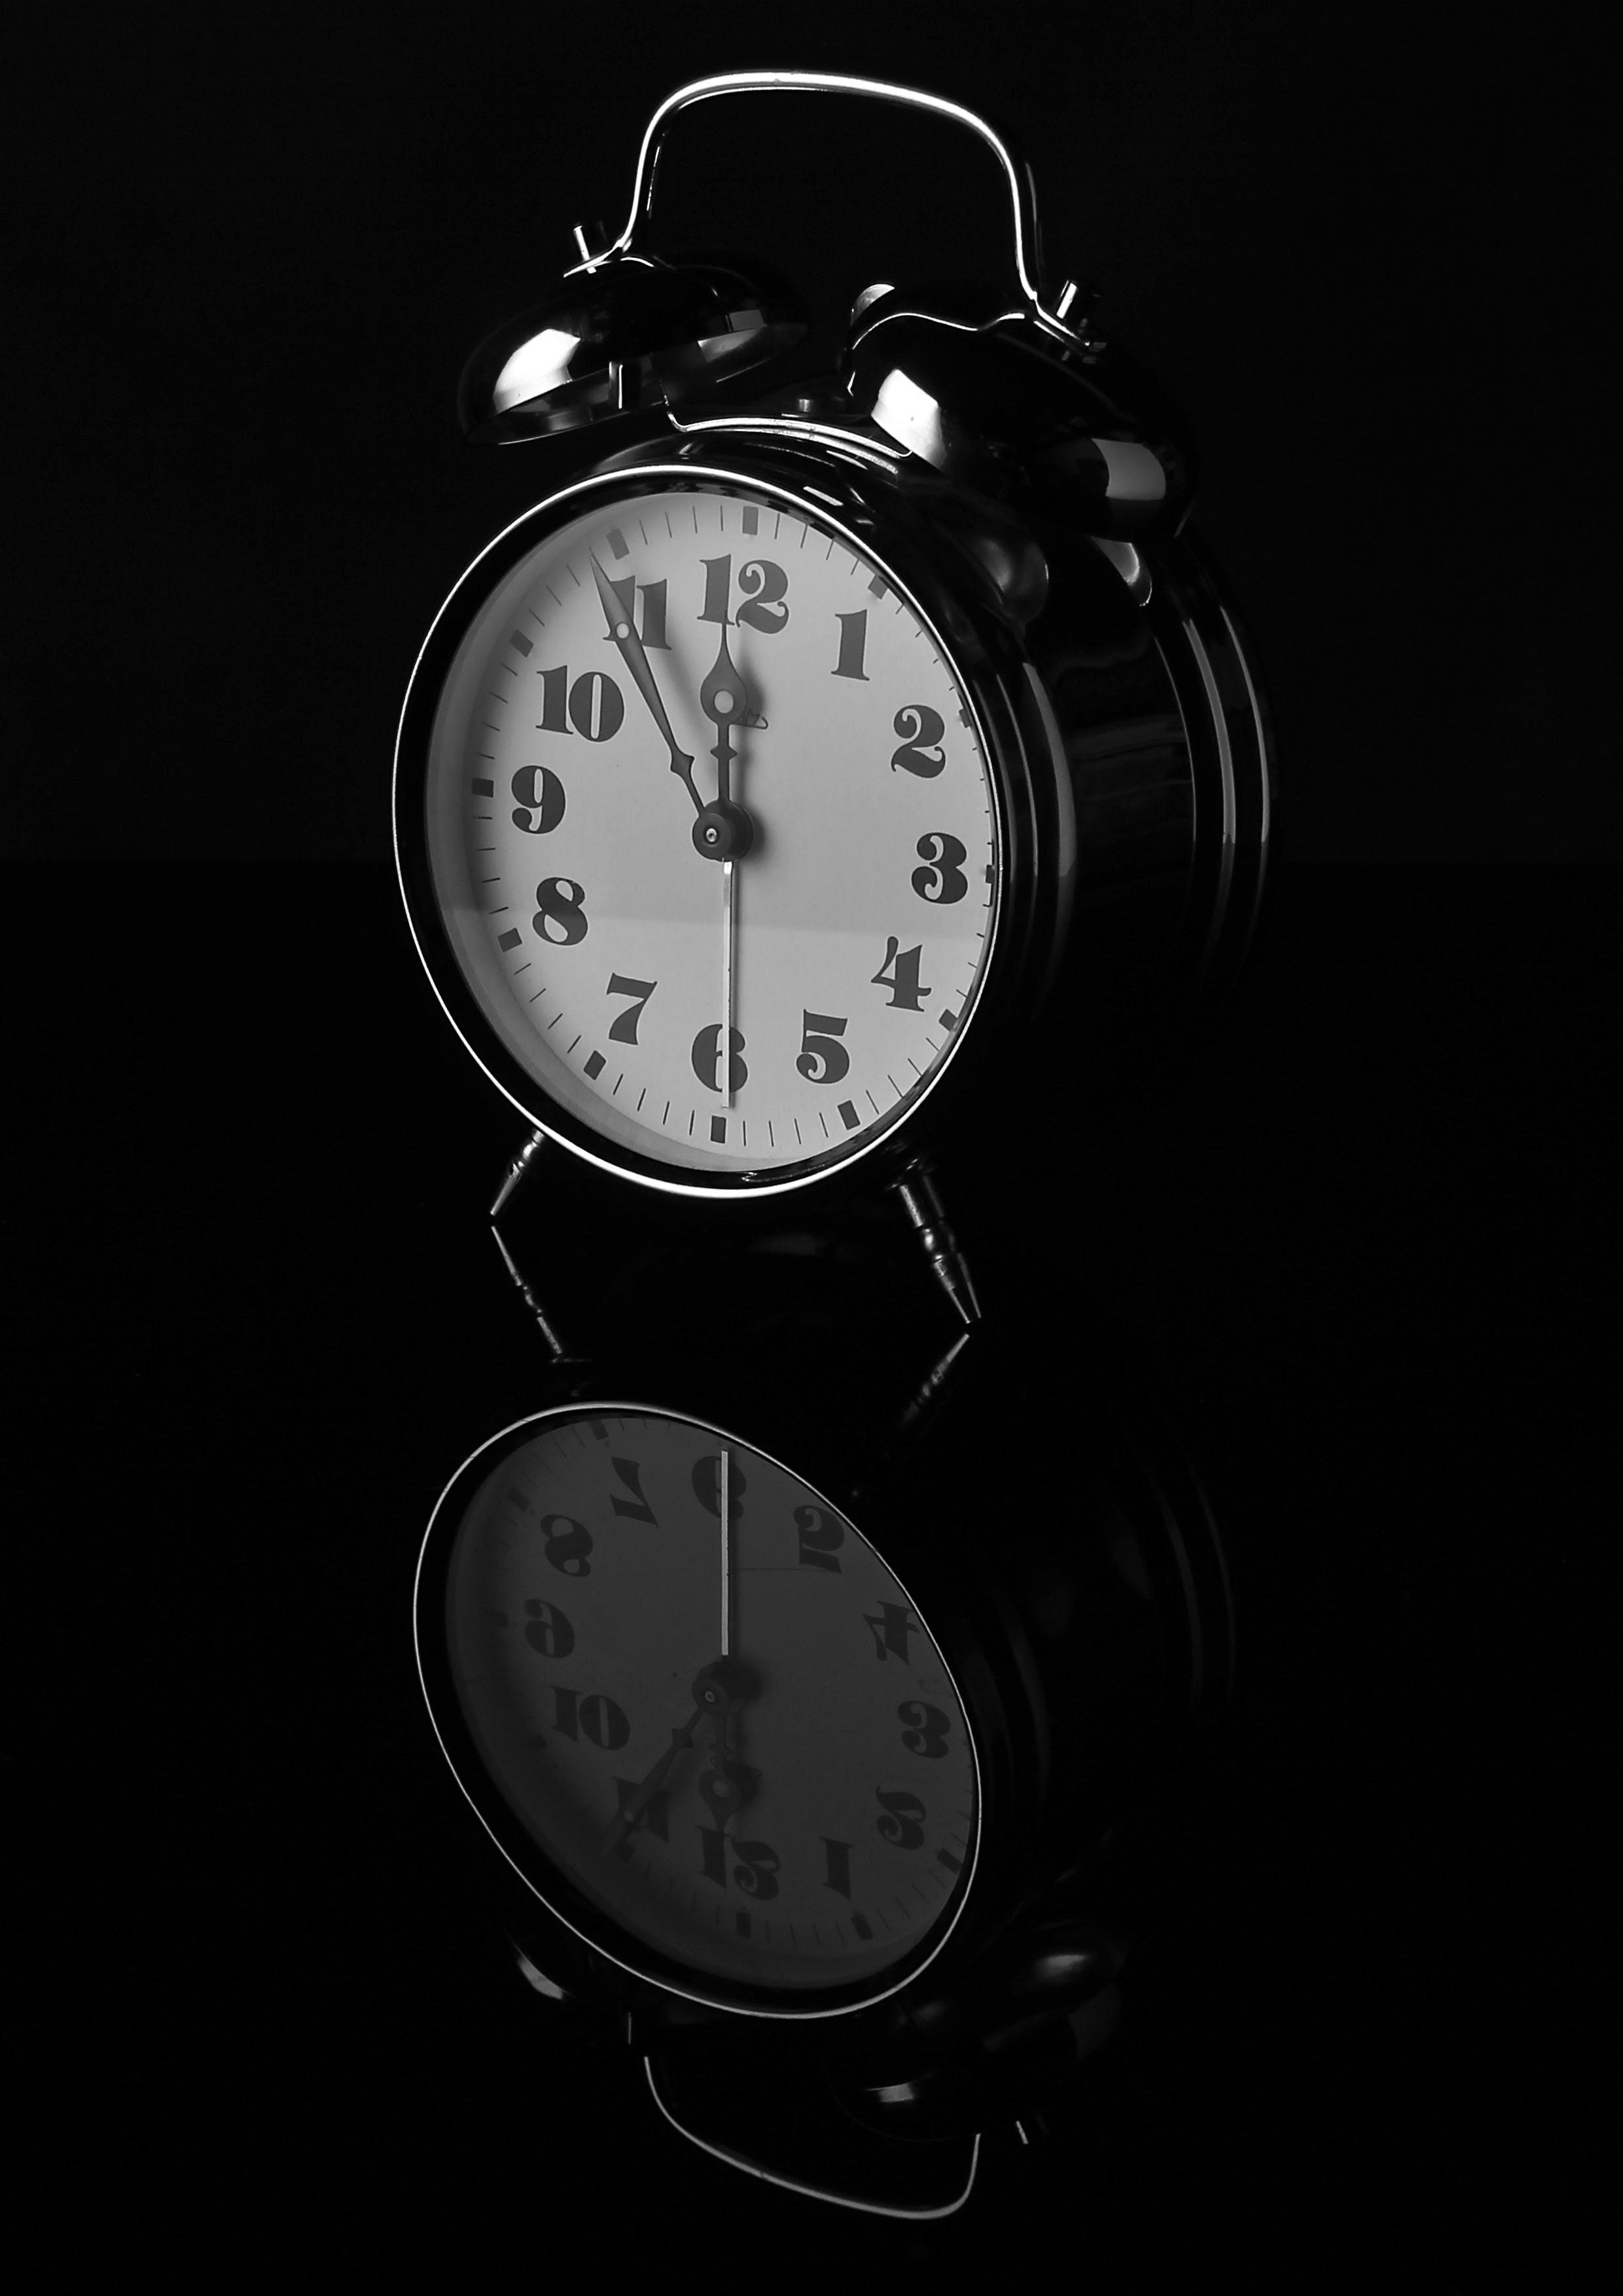 alarm, alarm clock, Analogue